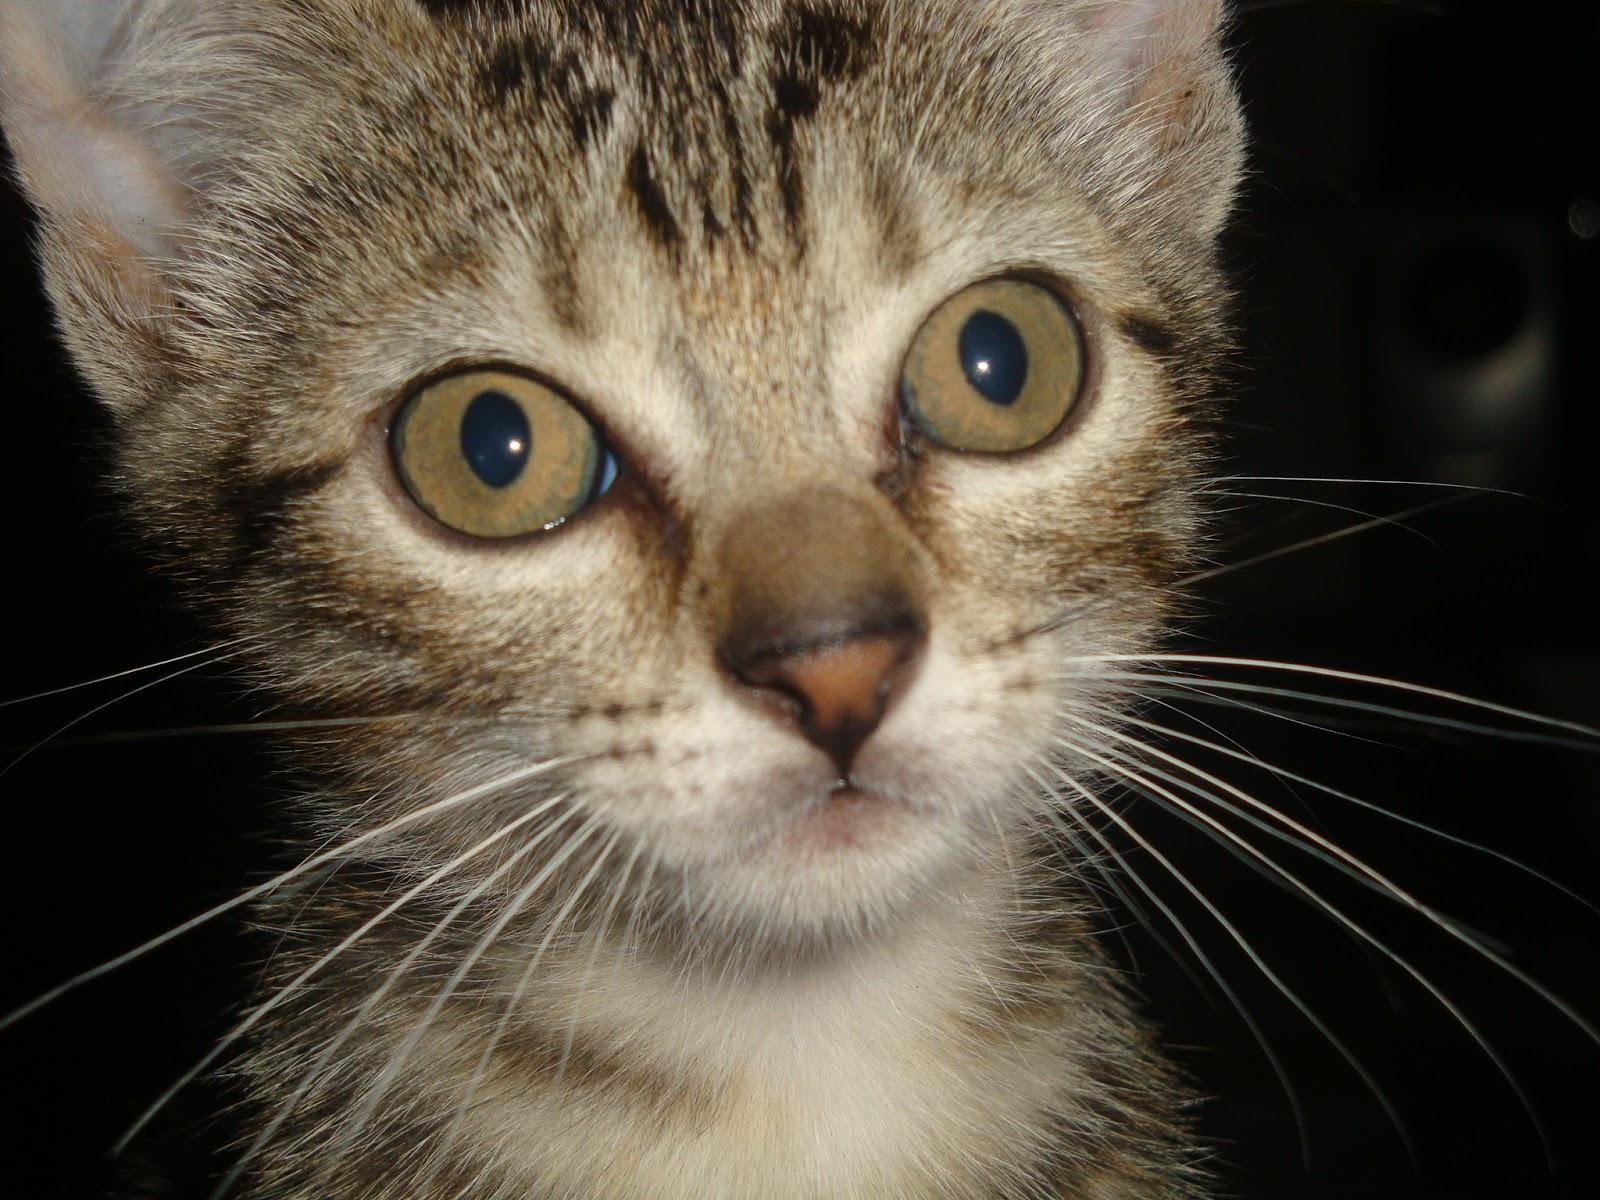 Infecção urinária em gatos - Confira os sintomas no Bichano... (2/3)